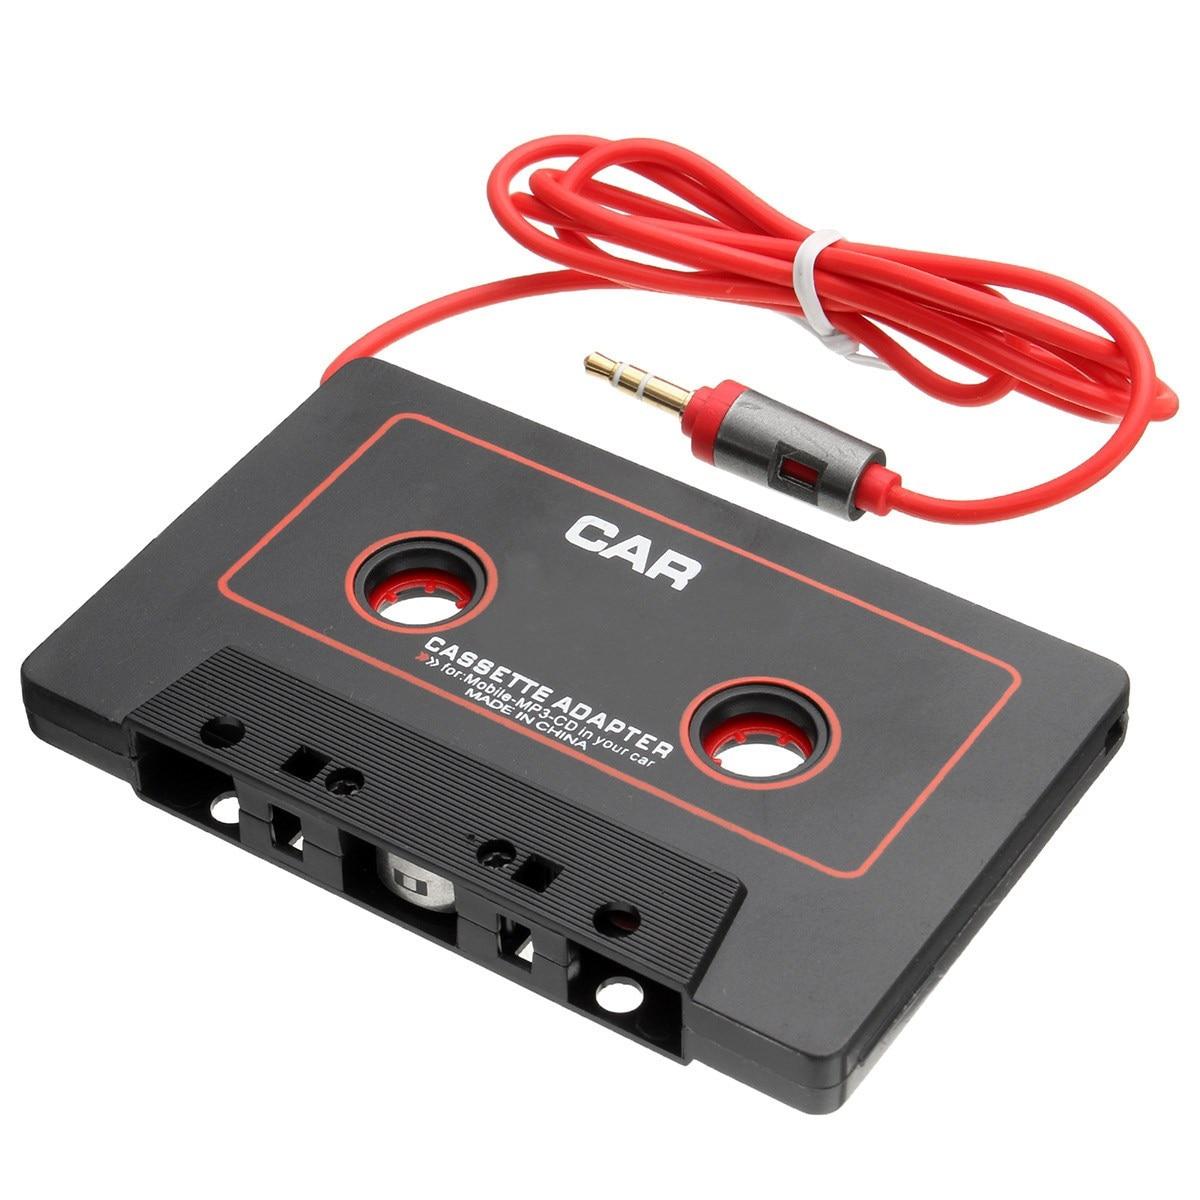 achetez en gros audio cassette en ligne des grossistes. Black Bedroom Furniture Sets. Home Design Ideas